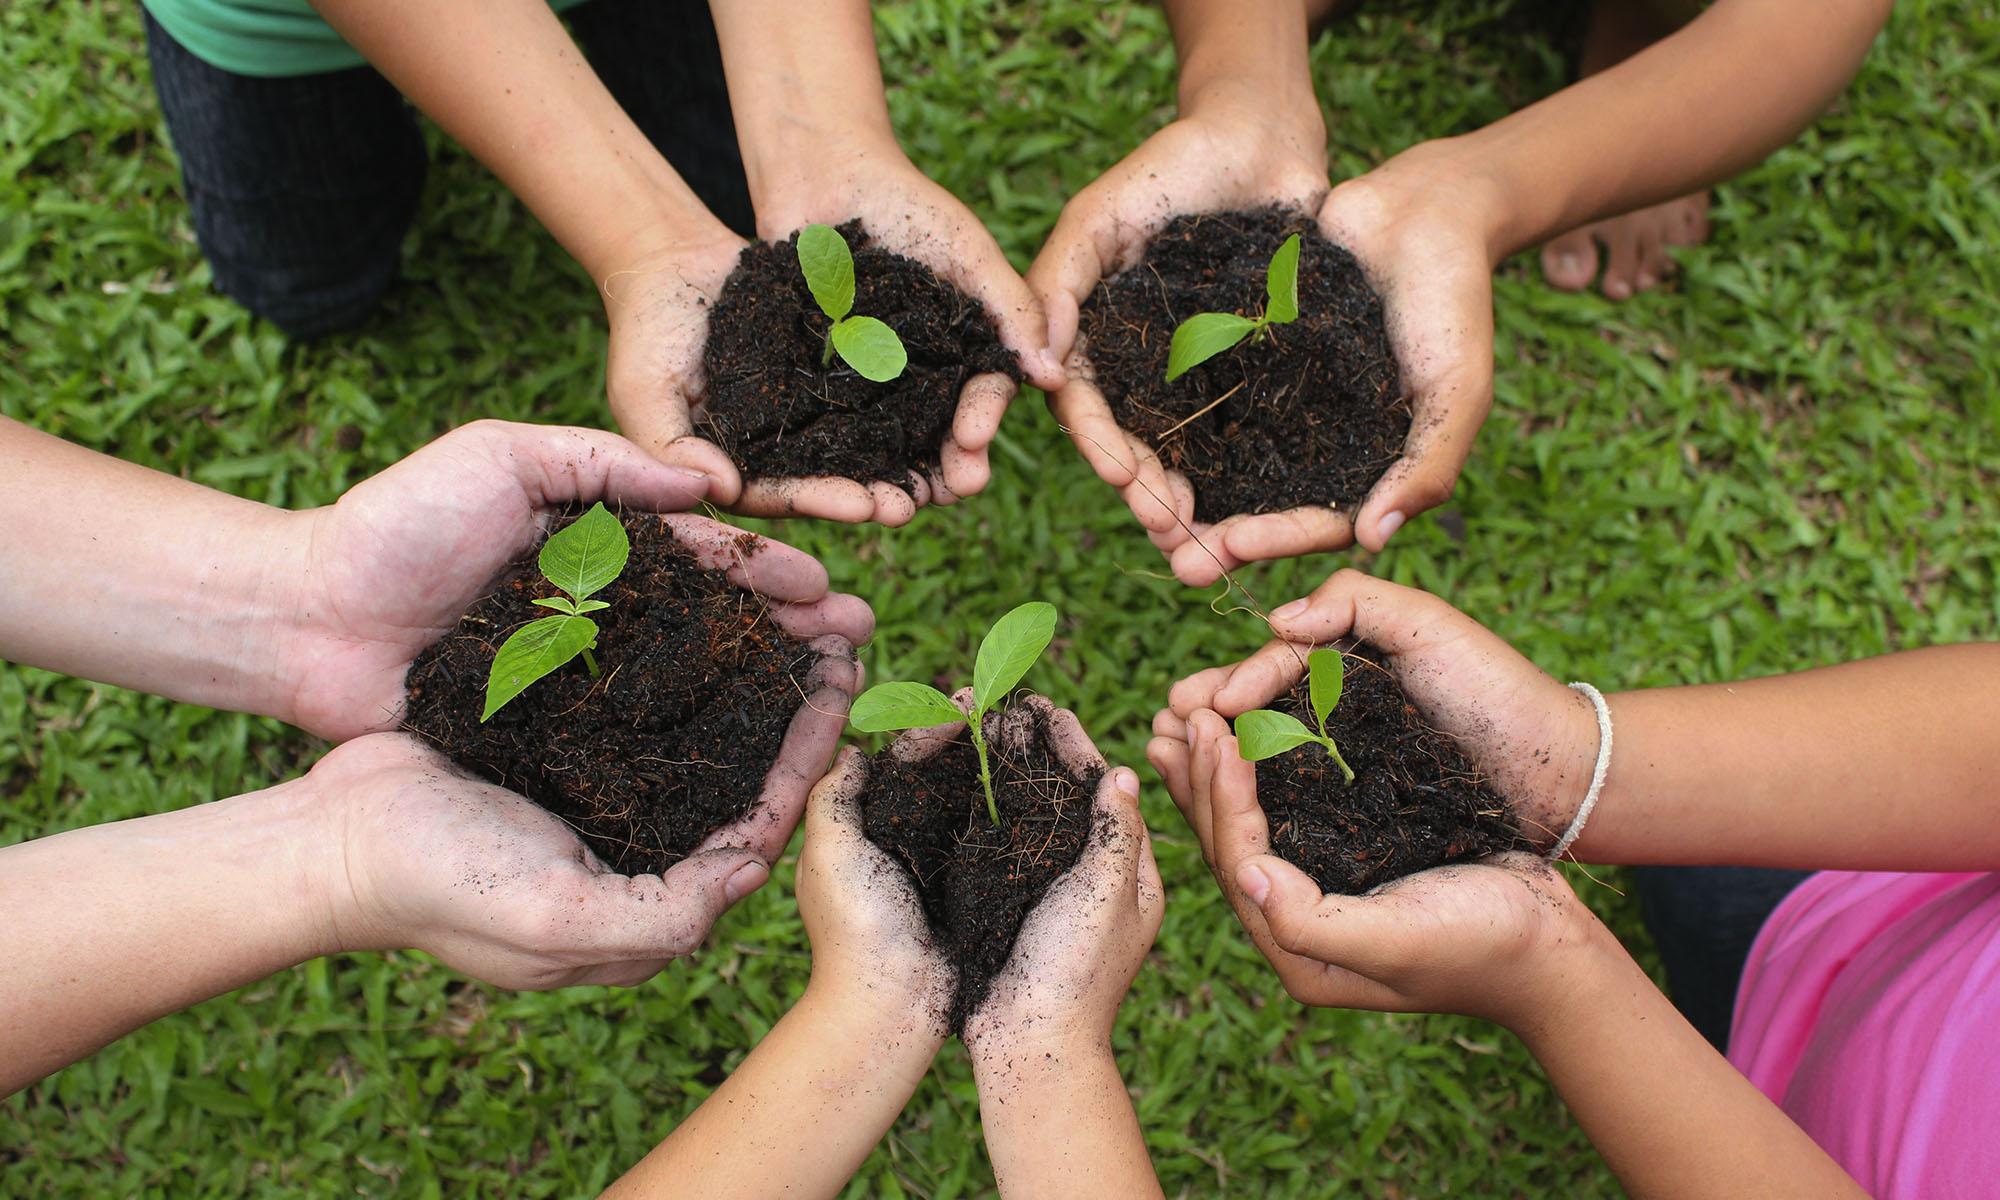 Children's hands holding seedlings